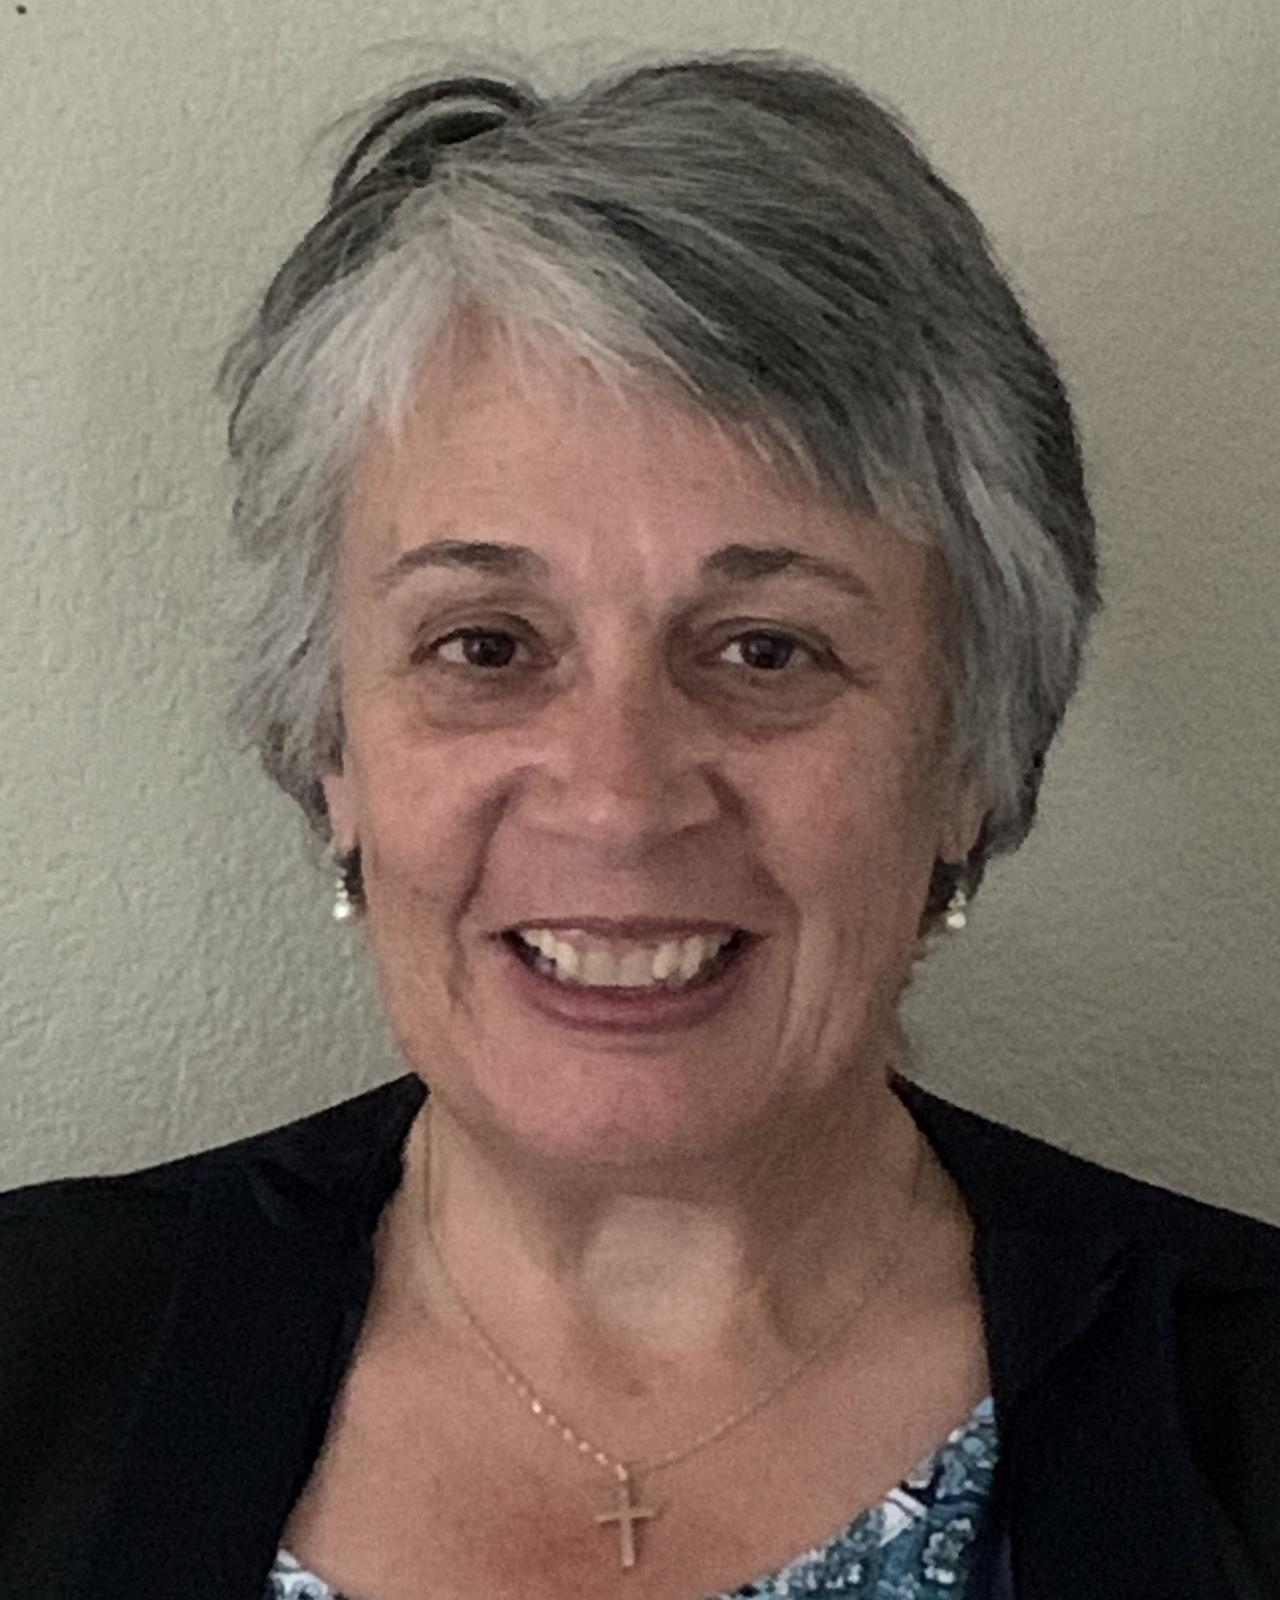 Susan Despotopulos, Emerson